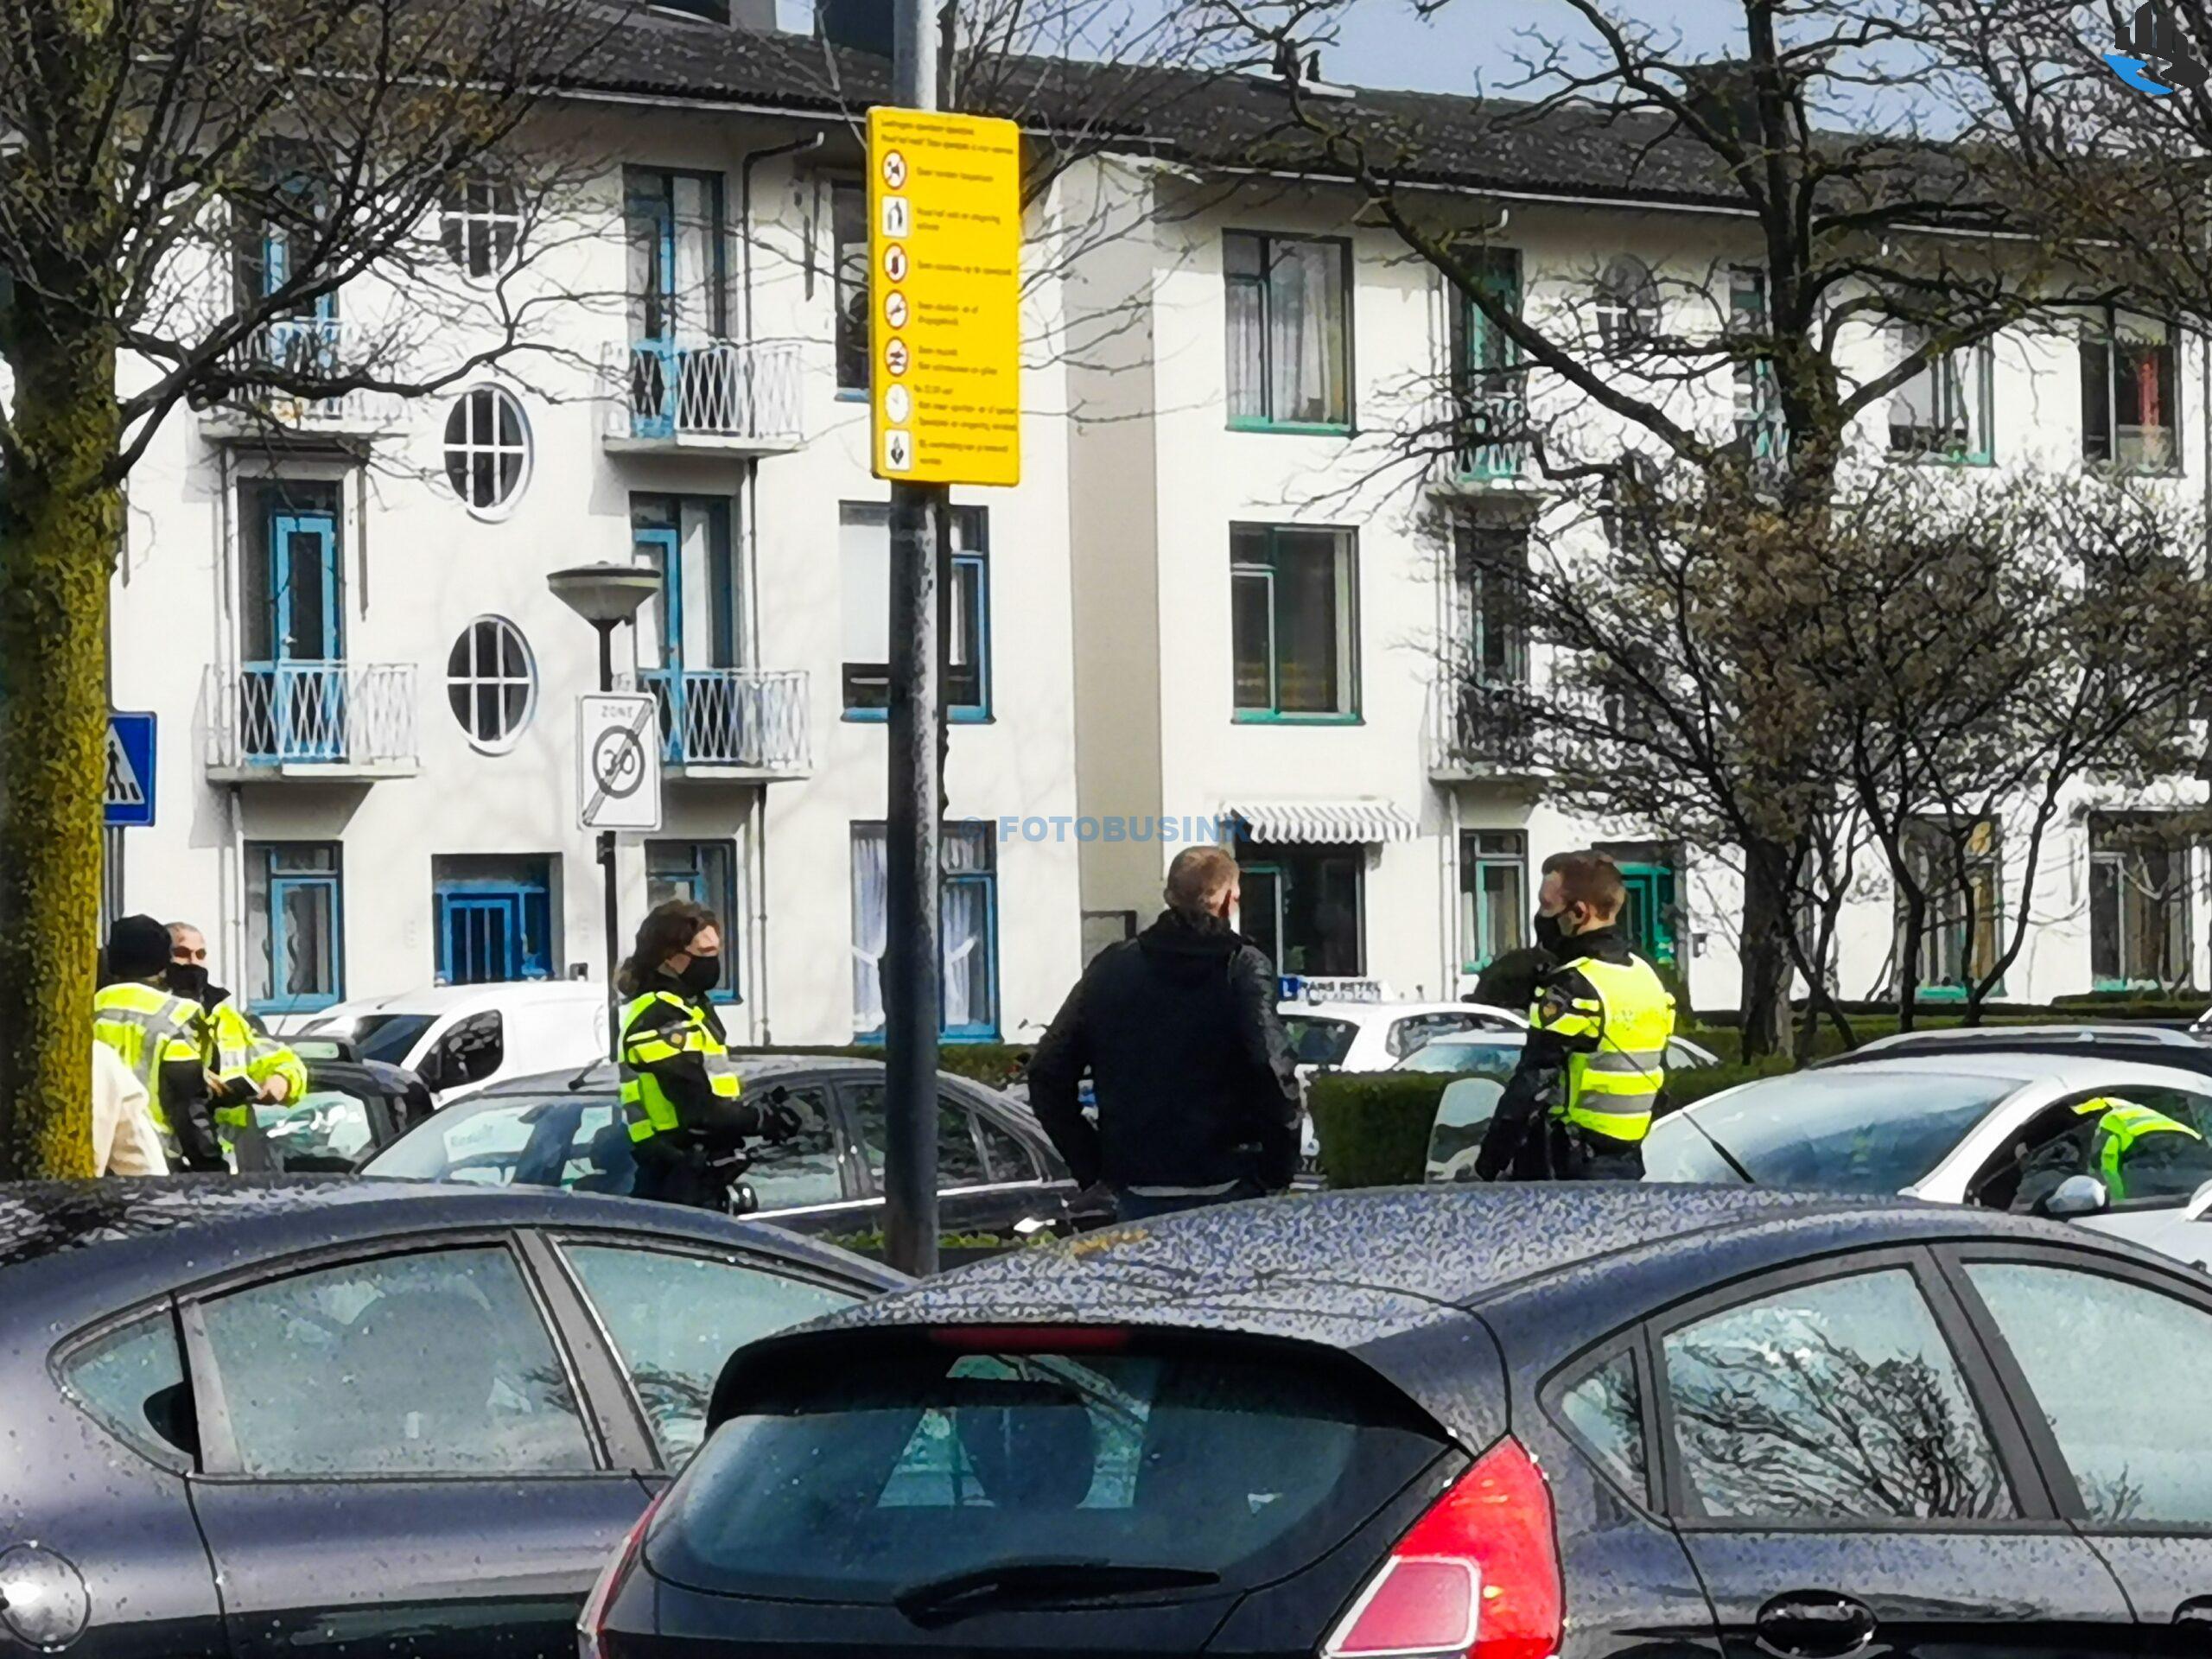 11 messen inbeslaggenomen bij grote preventief fouilleeracties in Dordrecht.